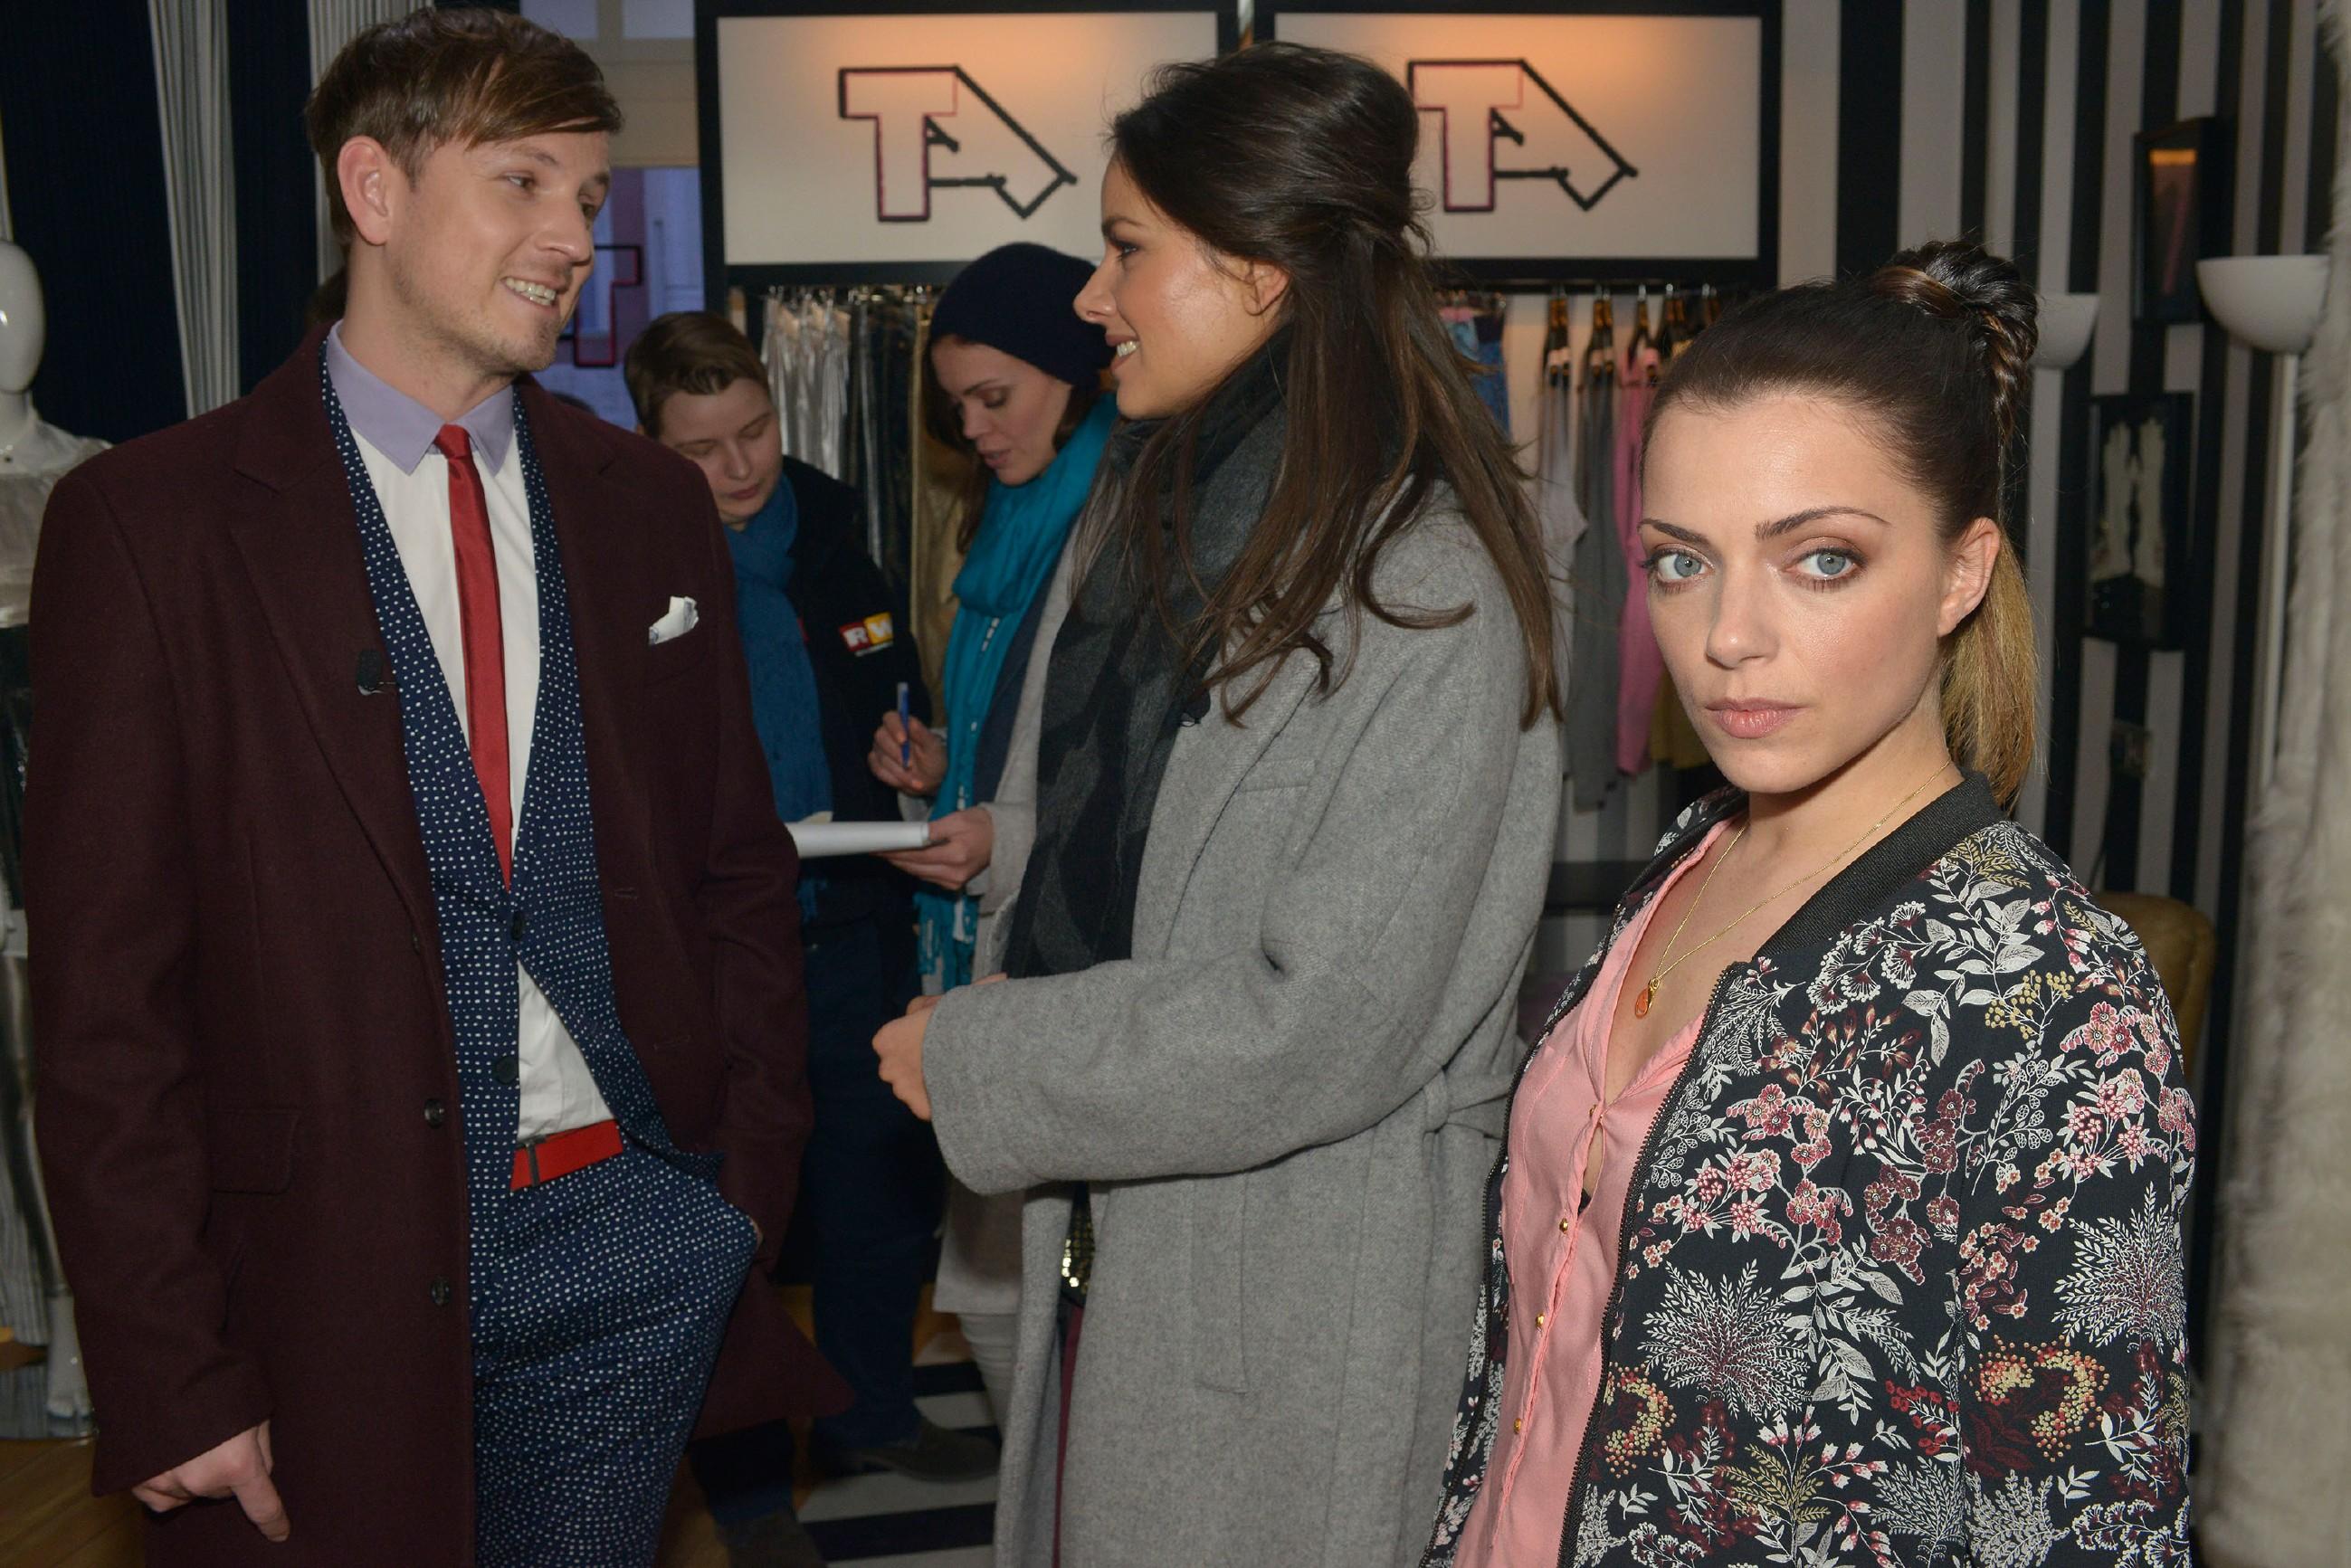 Trotz des Streits mit Emily (Anne Menden, r.) versucht Jasmin (Janina Uhse) bei der TV-Produktion mit Moderator Florian Strauß (Martin Tietjen) professionell zu bleiben. (Quelle: RTL / Rolf Baumgartner)